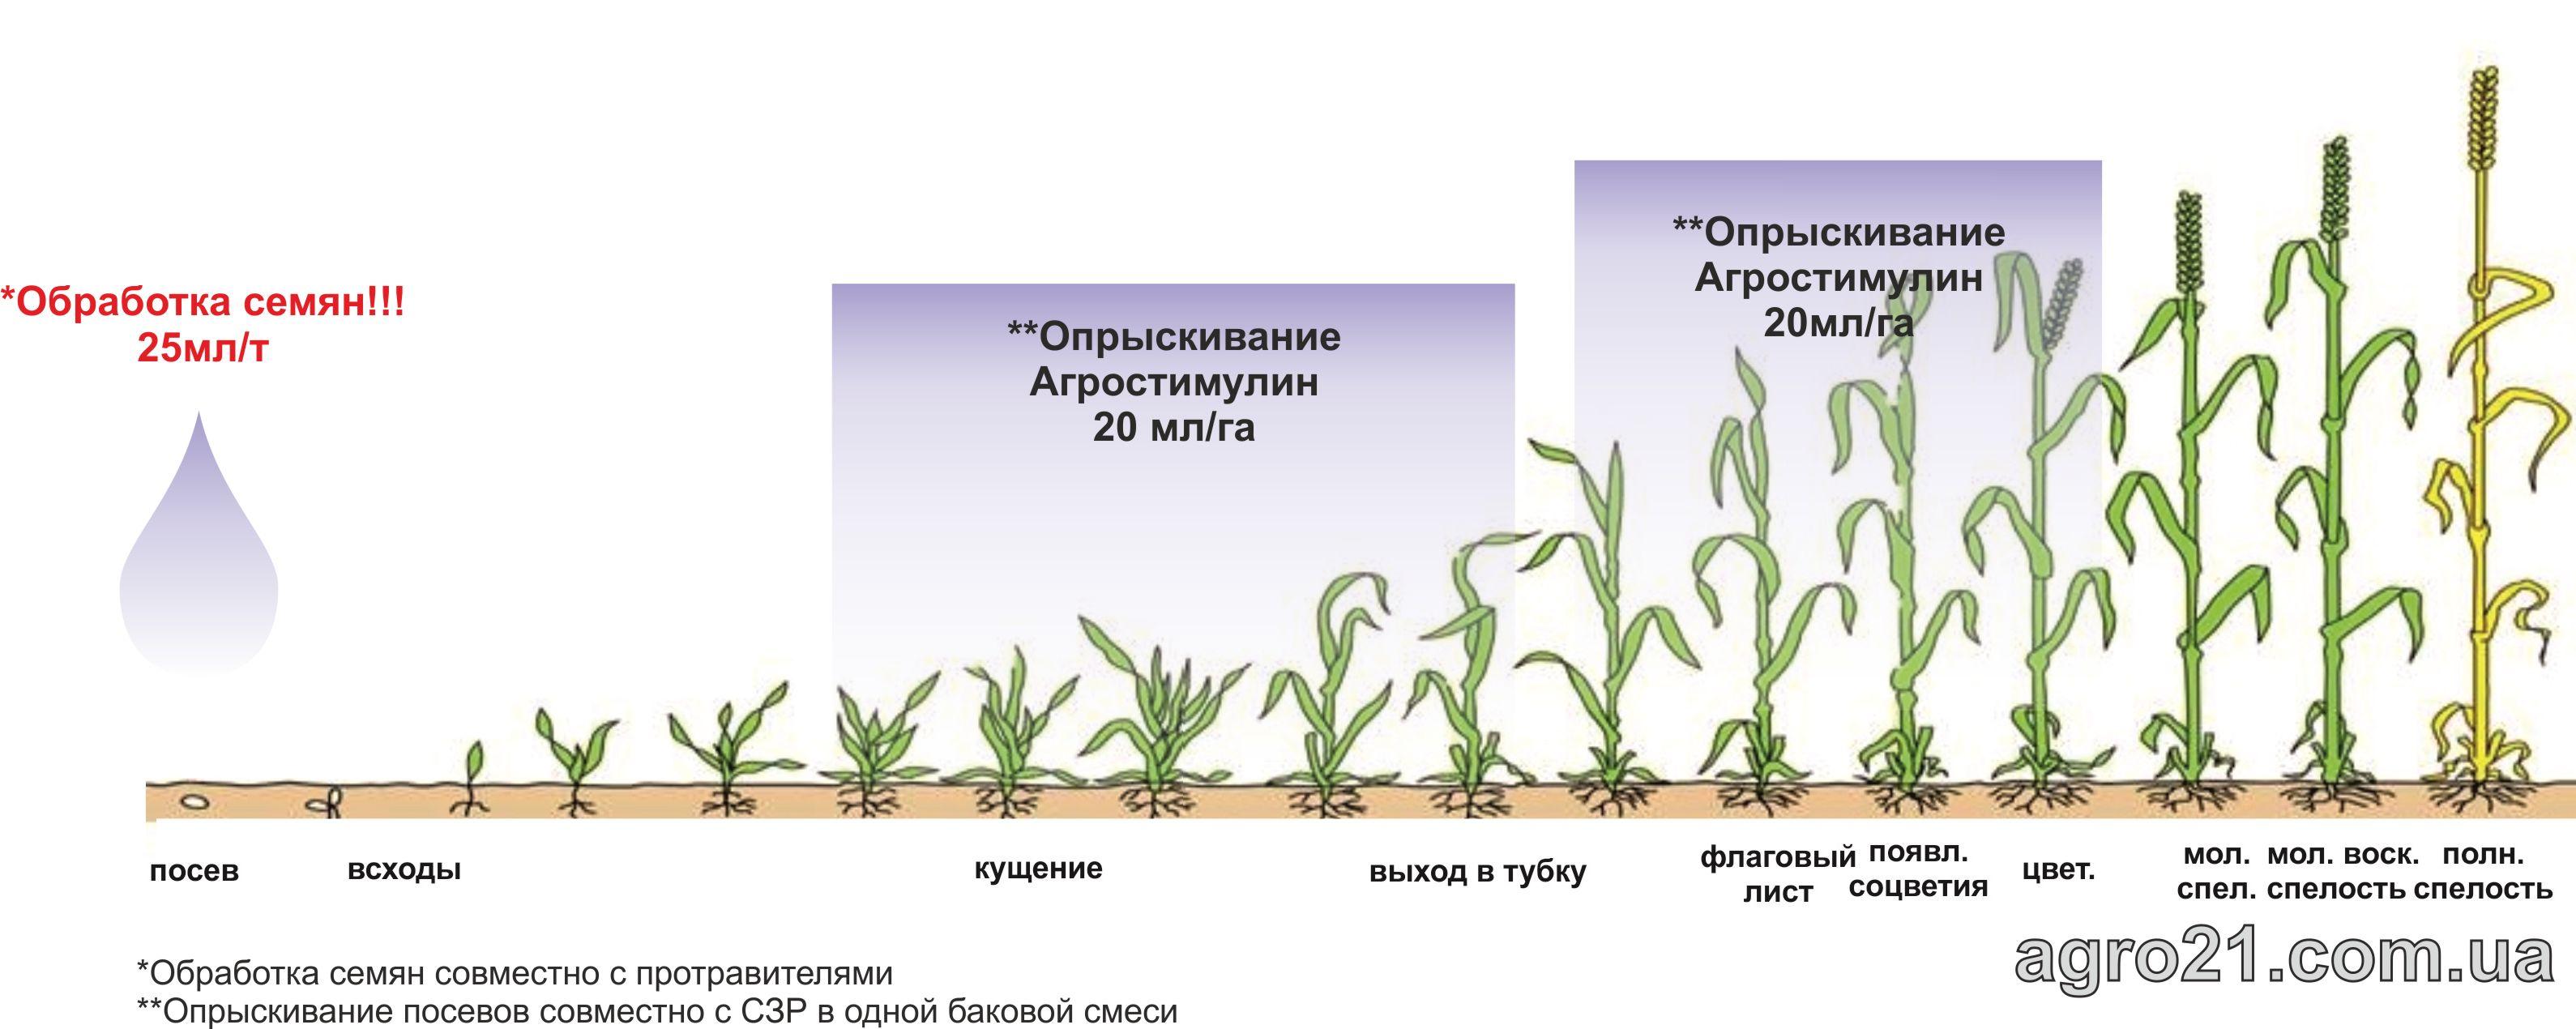 Агростимулин. Схема применения стимулятора роста растений на зерновых